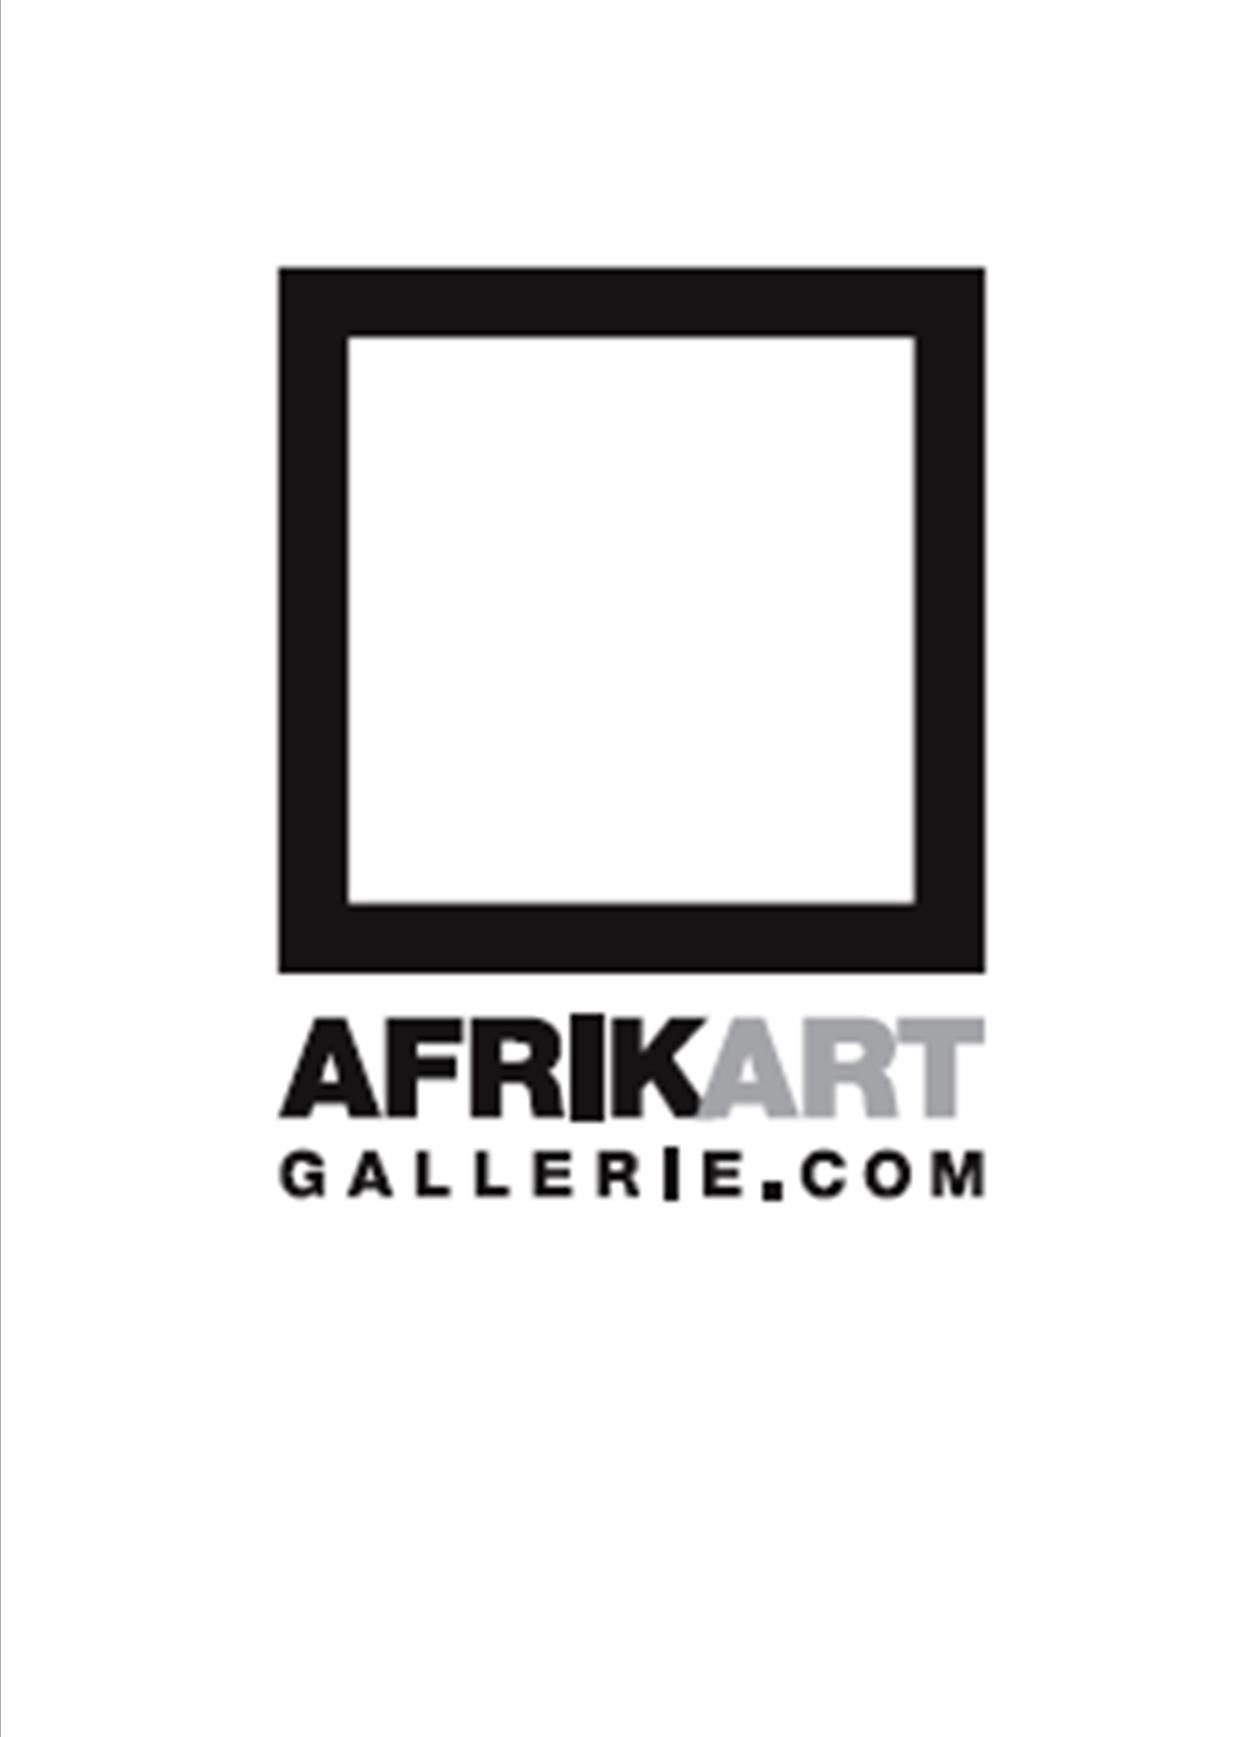 afrikart logo (white)